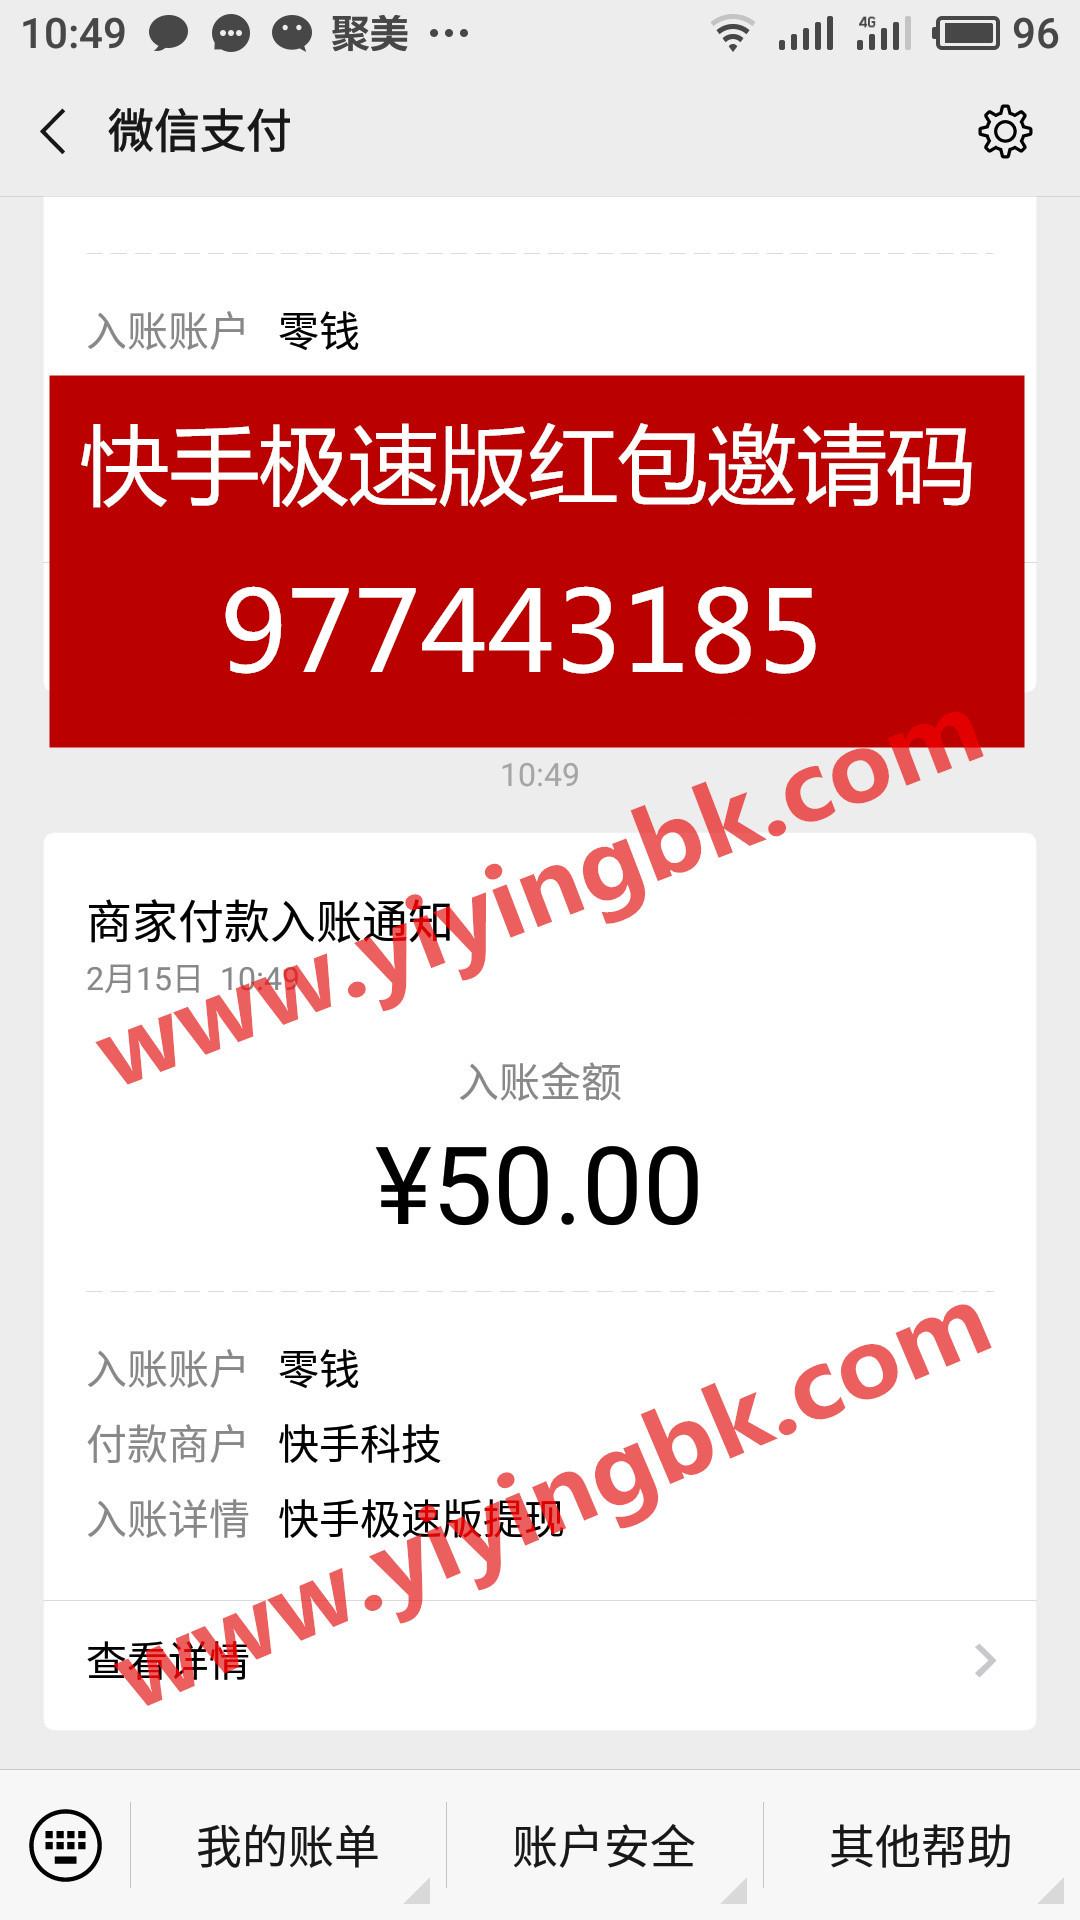 快手极速版,看视频领红包赚钱,微信提现50元秒到账。www.yiyingbk.com